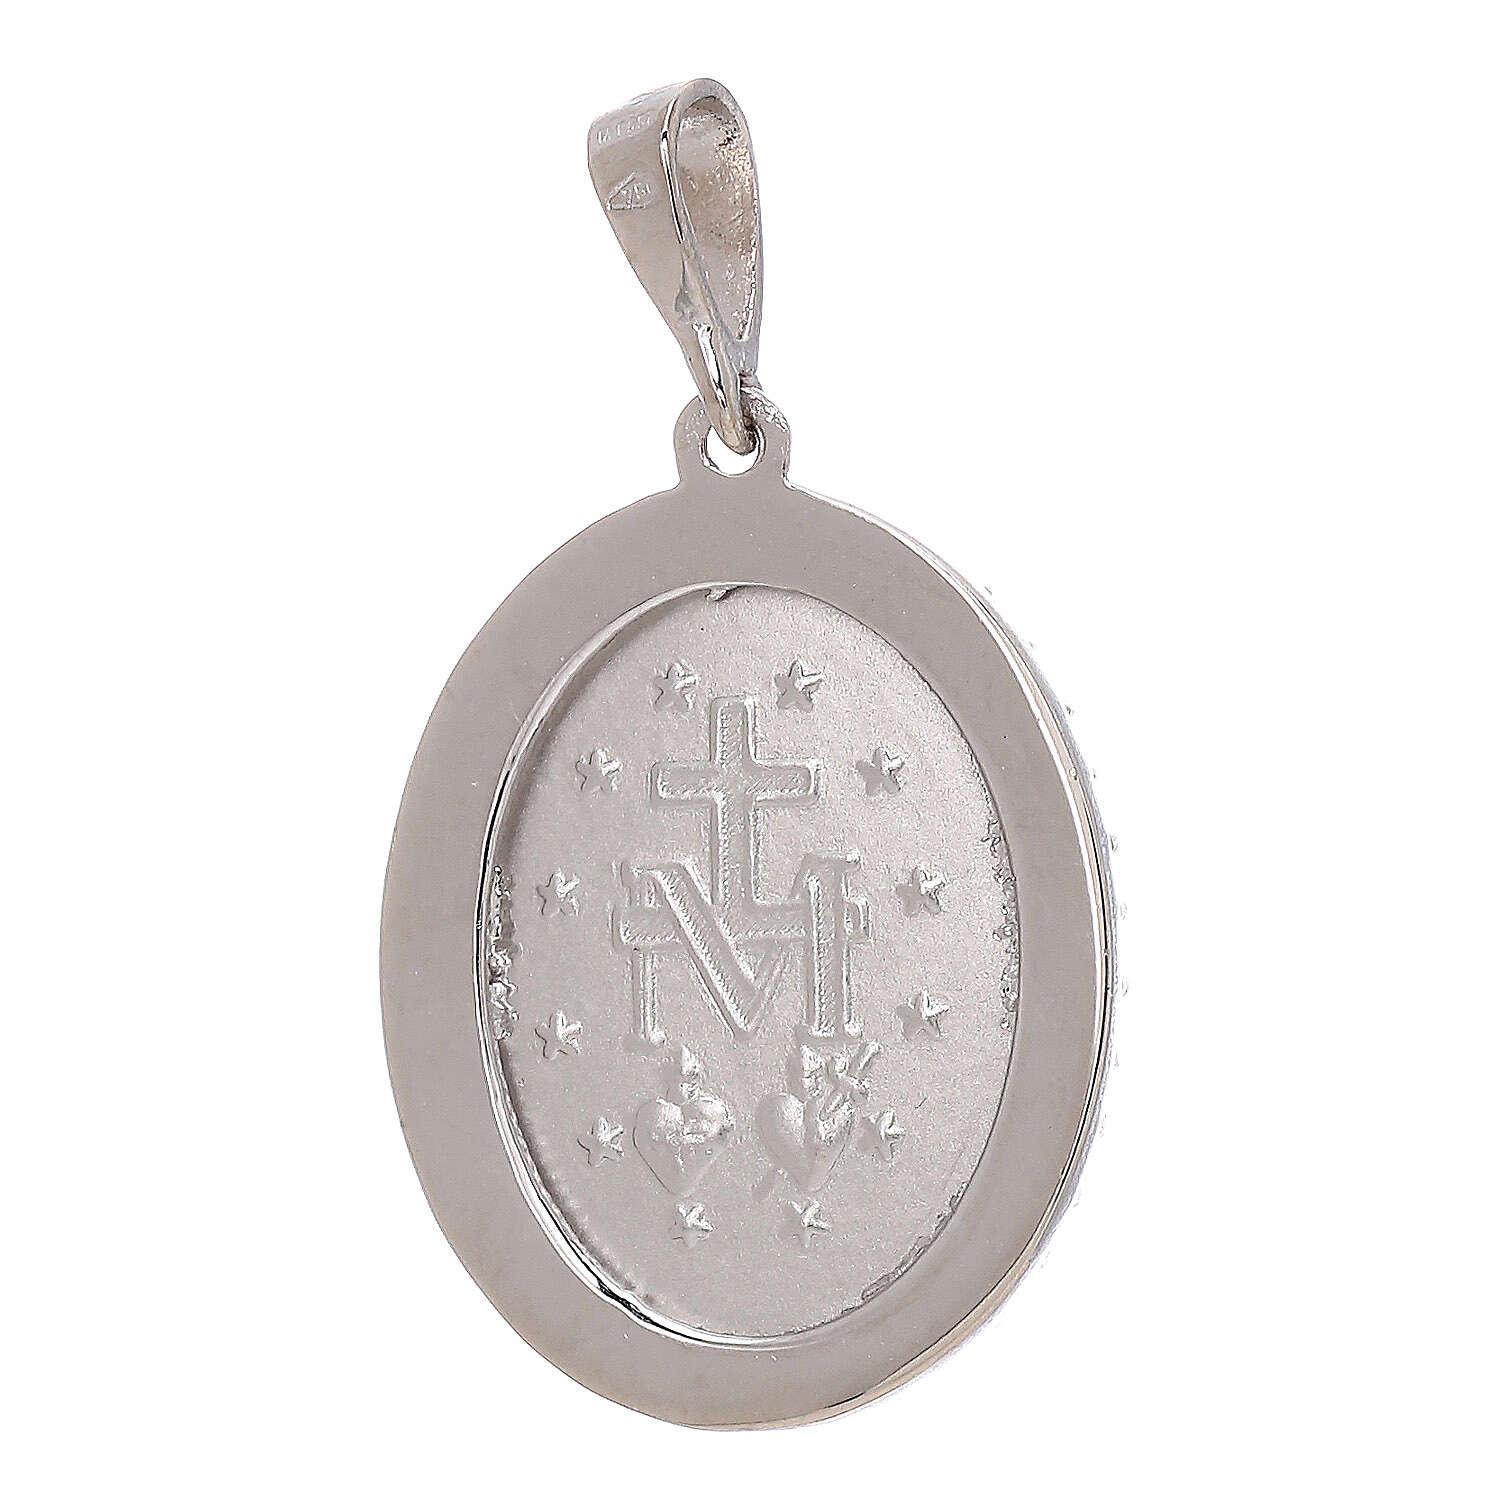 Pendente Medaglia Miracolosa Swarovski oro bianco 750/00 3,4 grammi 4